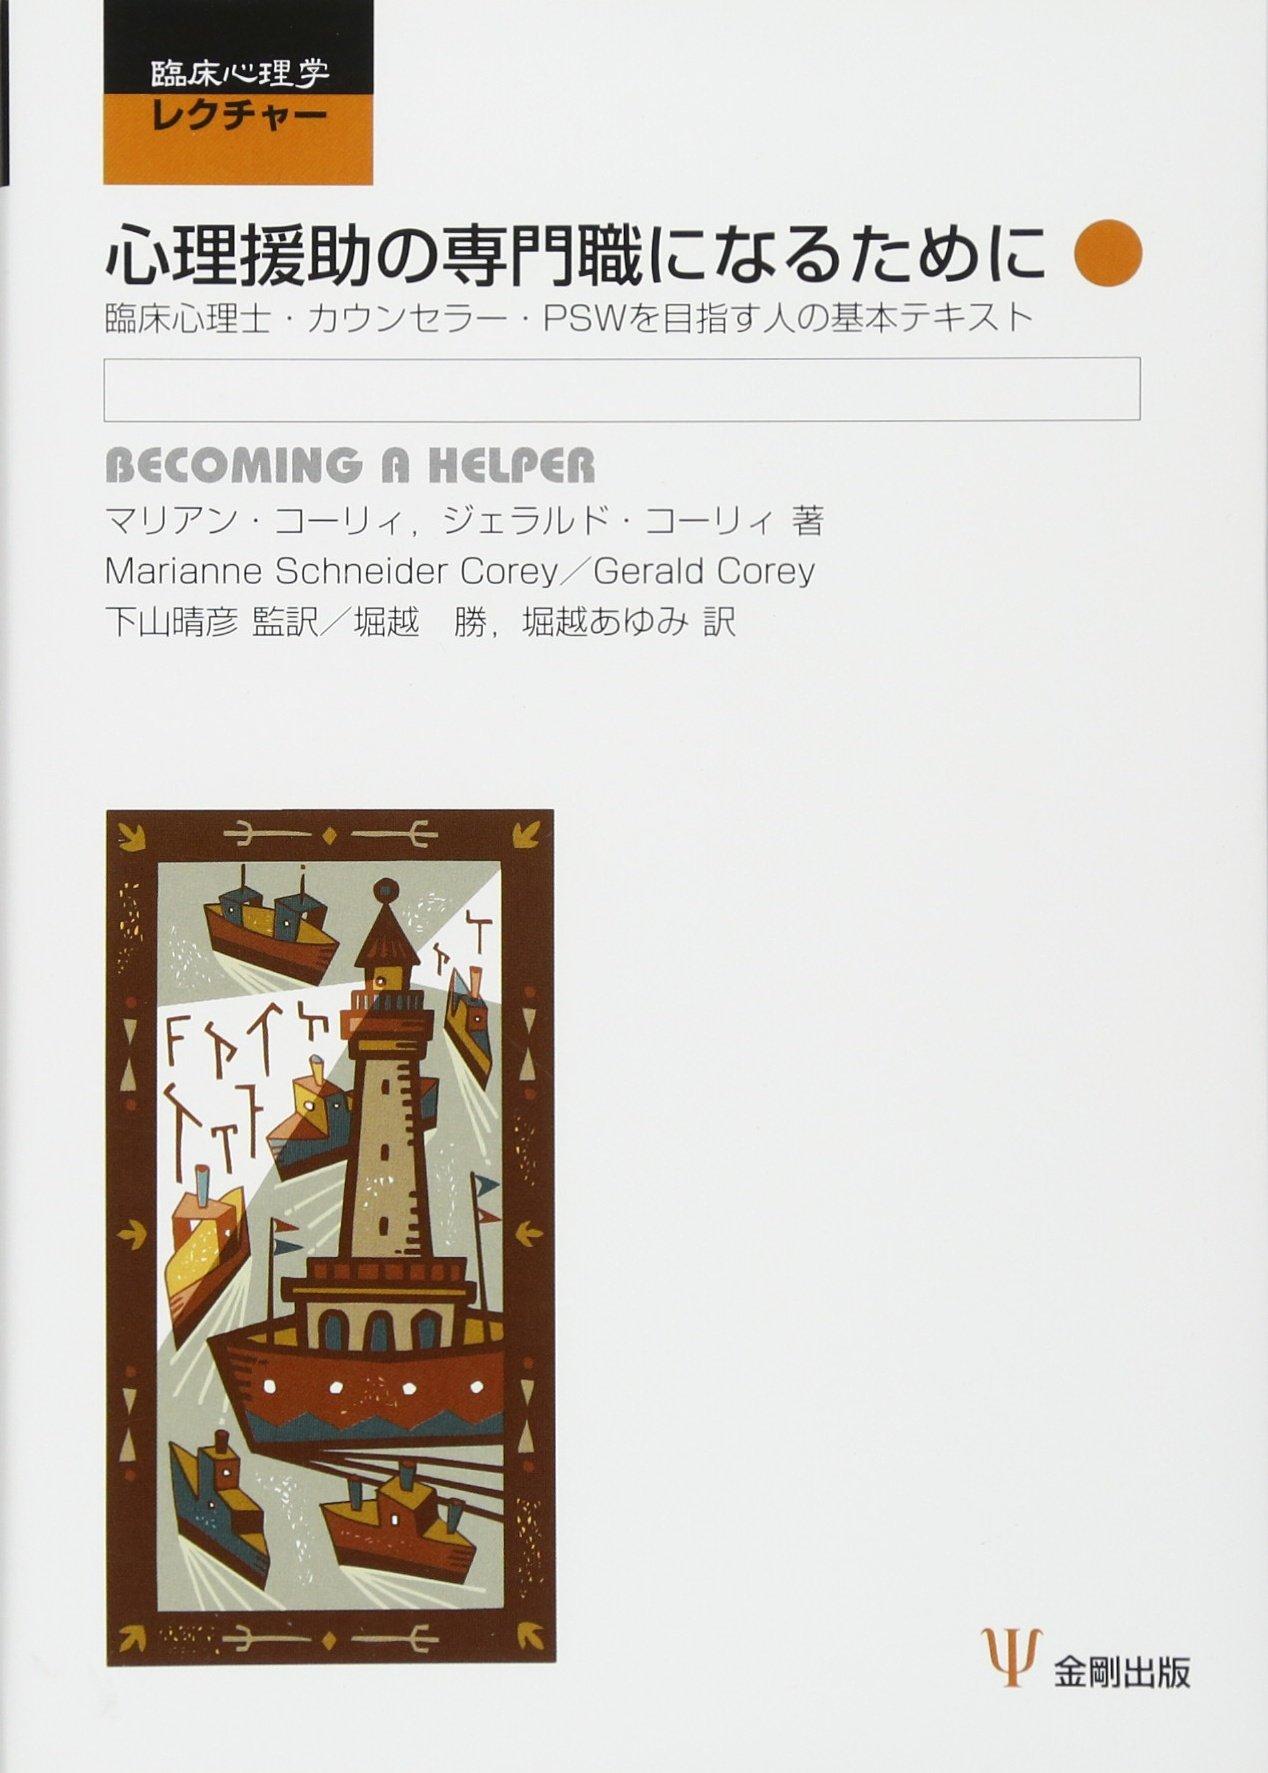 Download Shinri enjo no senmonshoku ni naru tameni : Rinsho shinrishi kaunsera PSW o mezasu hito no kihon tekisuto. pdf